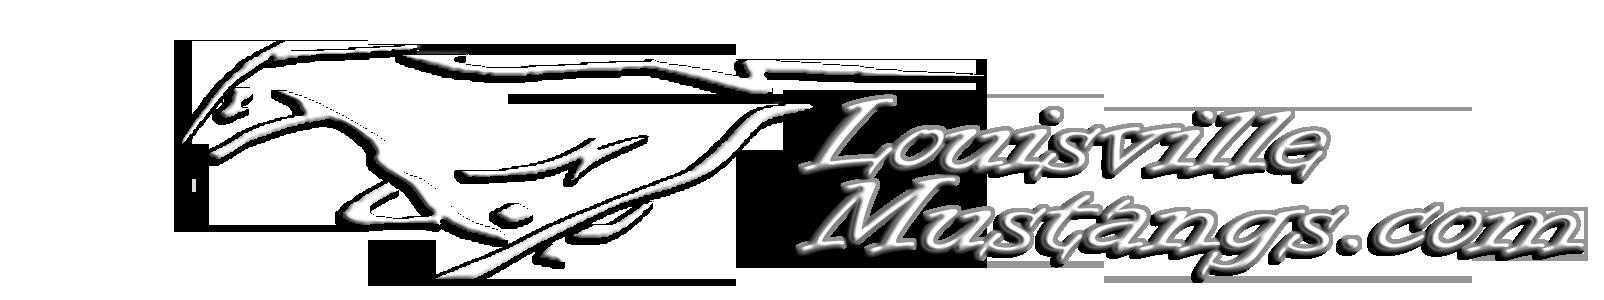 Louisville Mustangs